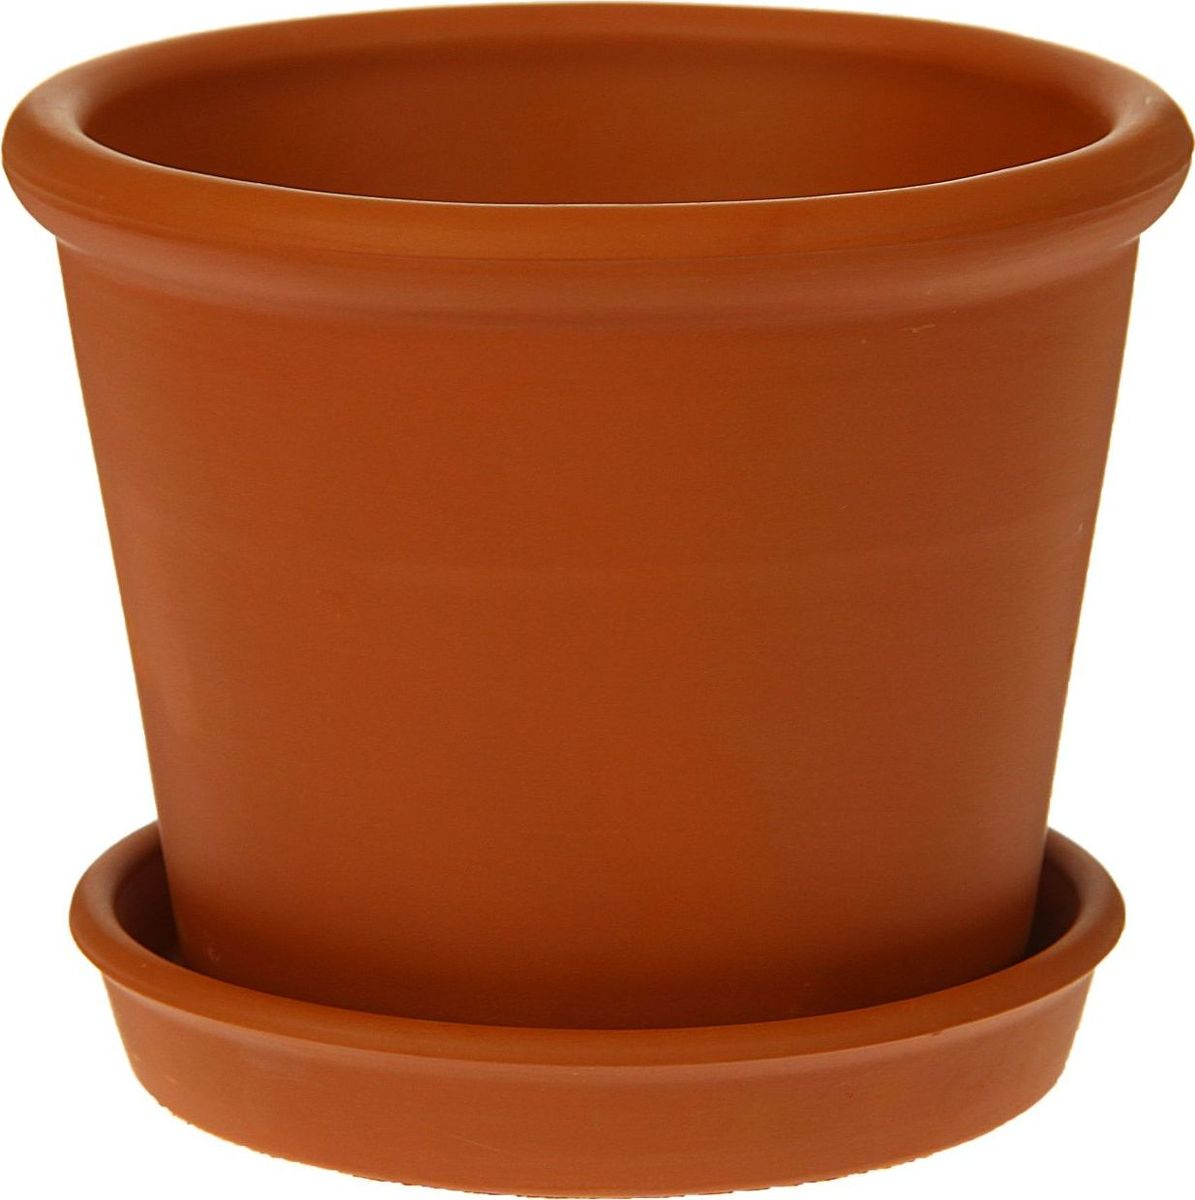 Кашпо Керамика ручной работы Ирис, цвет: коричневый, 1,4 л1354693Комнатные растения — всеобщие любимцы. Они радуют глаз, насыщают помещение кислородом и украшают пространство. Каждому из них необходим свой удобный и красивый дом. Кашпо из керамики прекрасно подходят для высадки растений: за счёт пластичности глины и разных способов обработки существует великое множество форм и дизайновпористый материал позволяет испаряться лишней влагевоздух, необходимый для дыхания корней, проникает сквозь керамические стенки! #name# позаботится о зелёном питомце, освежит интерьер и подчеркнёт его стиль.